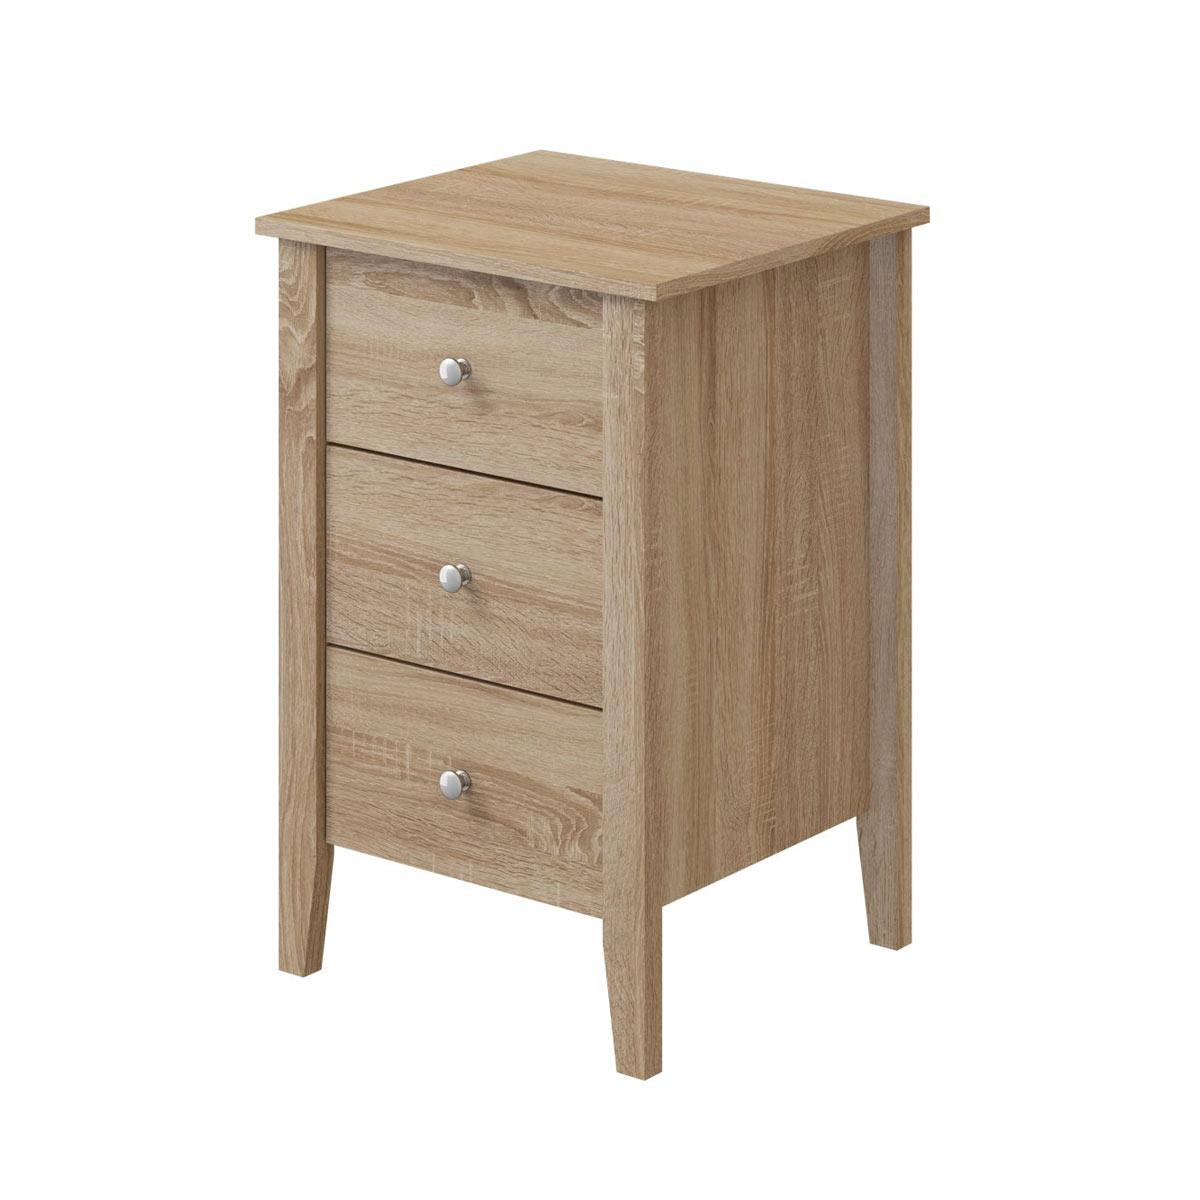 Sydney oak 3 drawer bedside for Oak bedroom furniture 0 finance